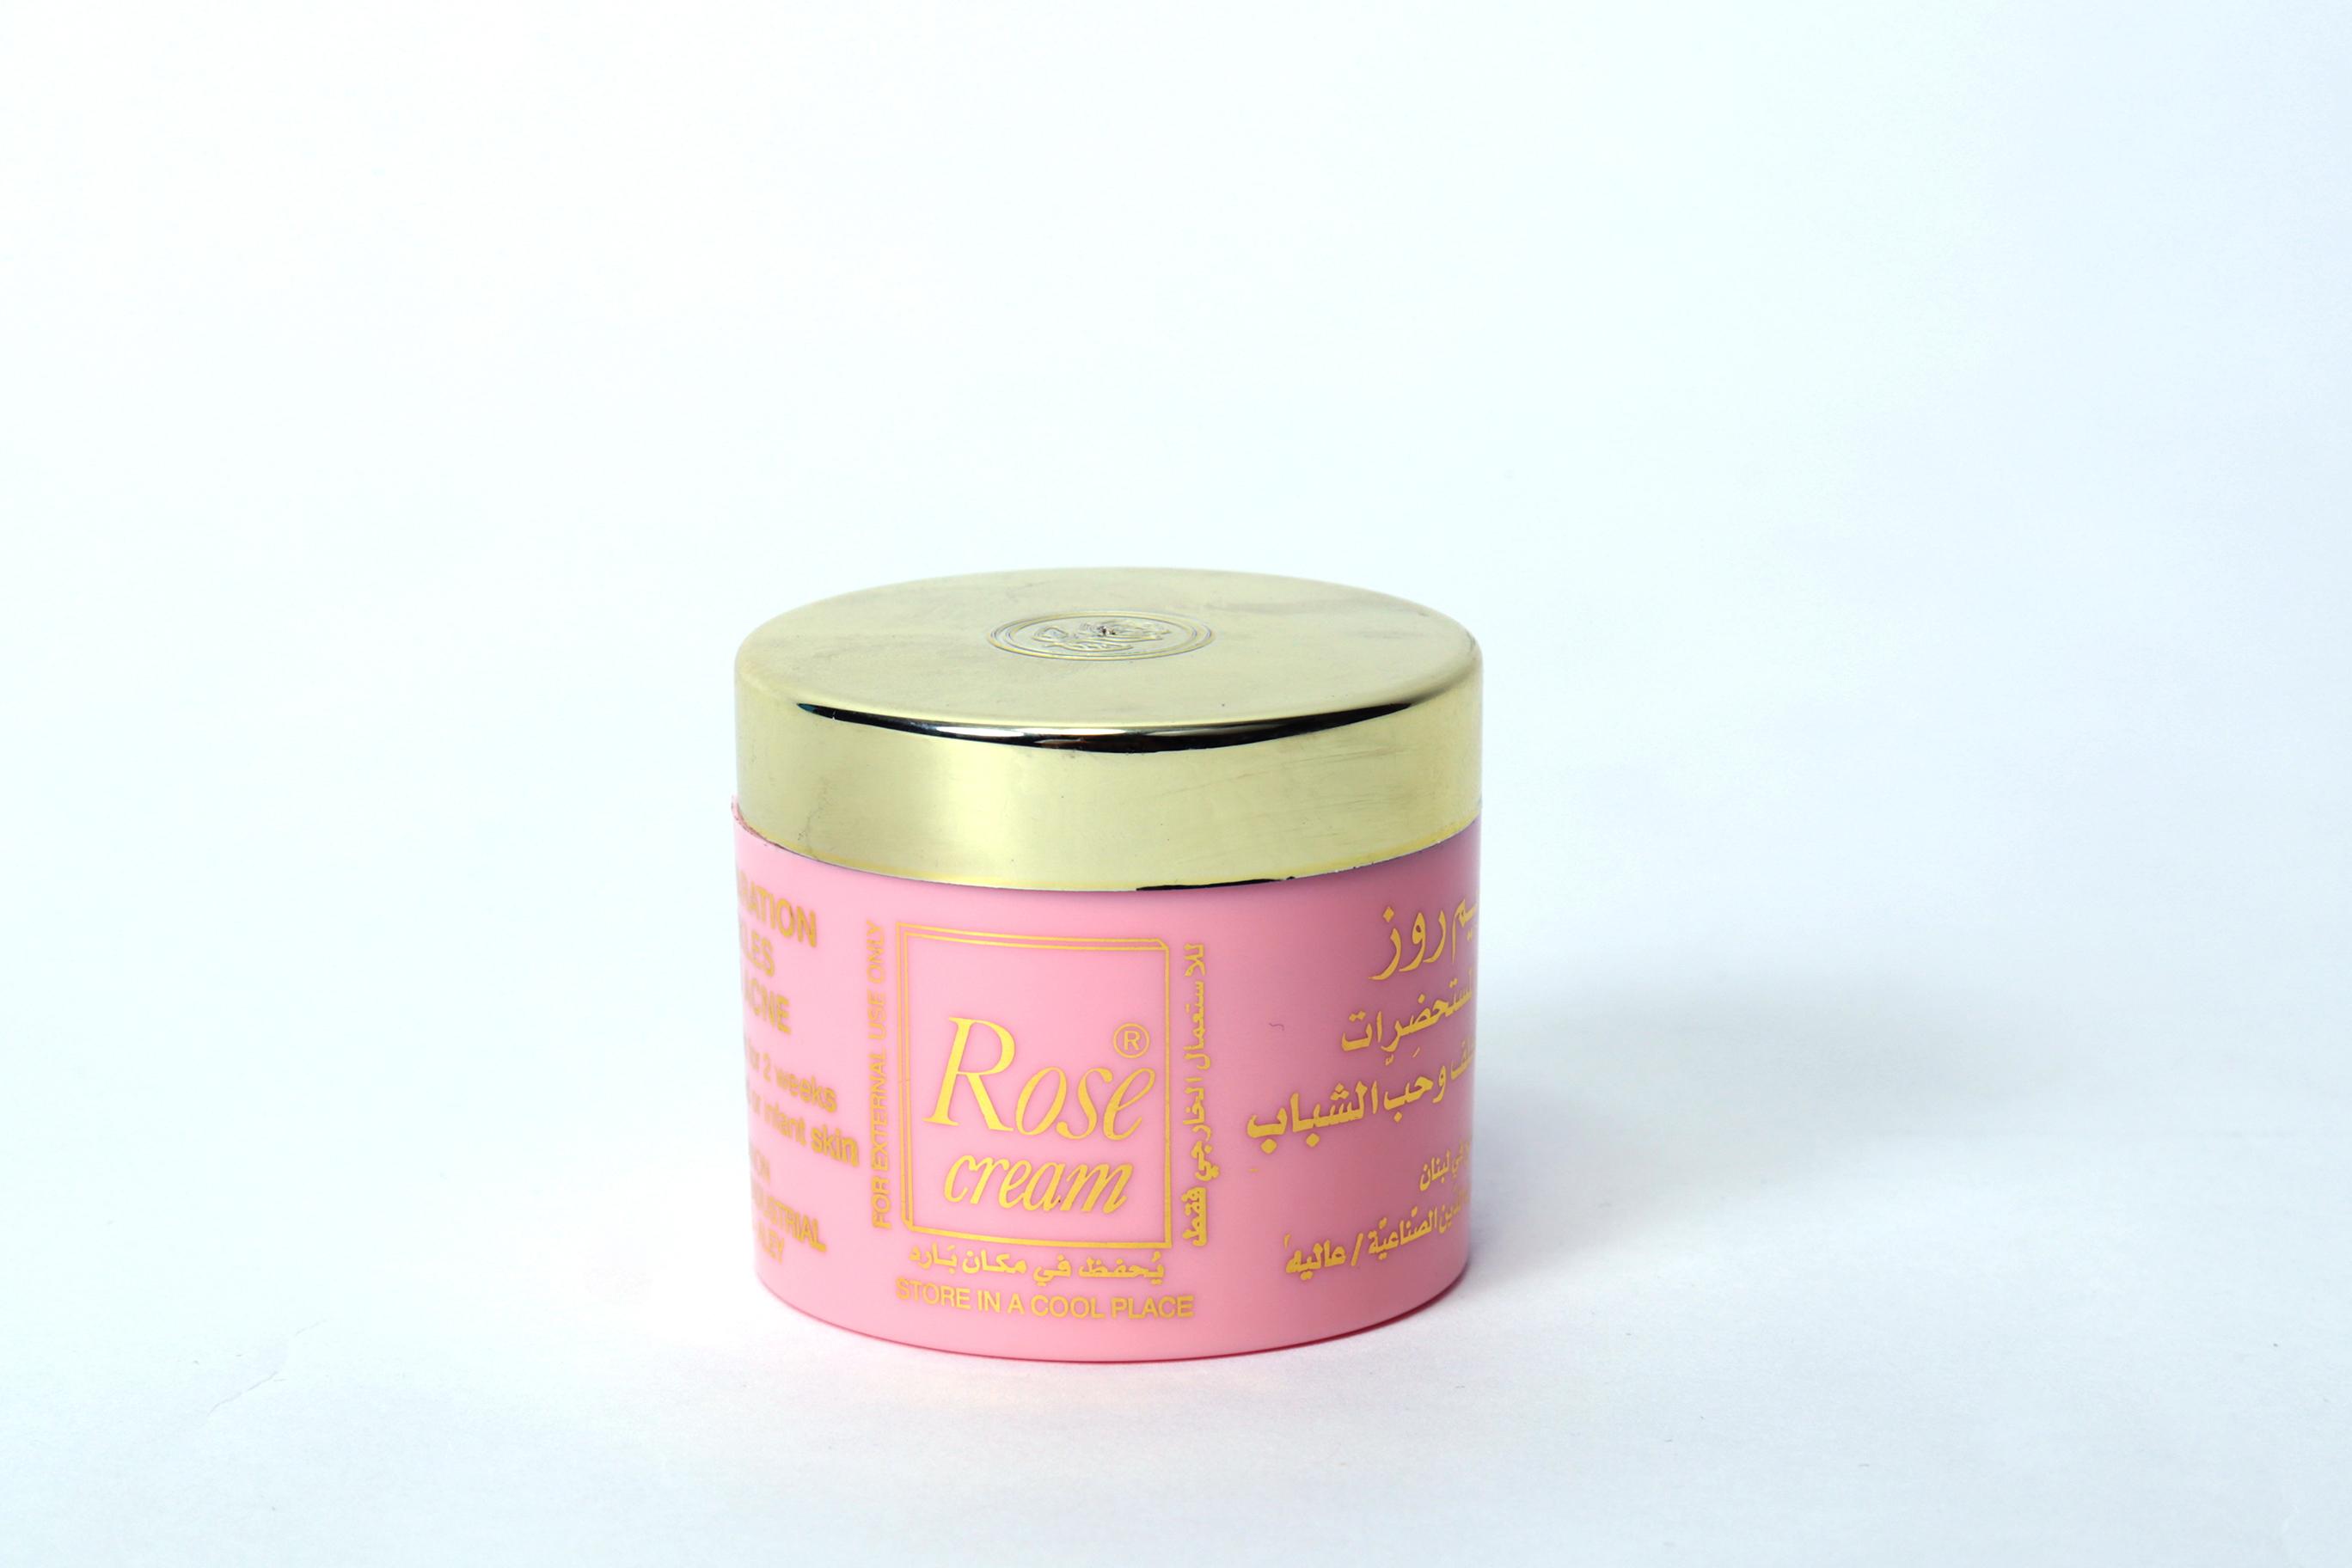 Rose Cream